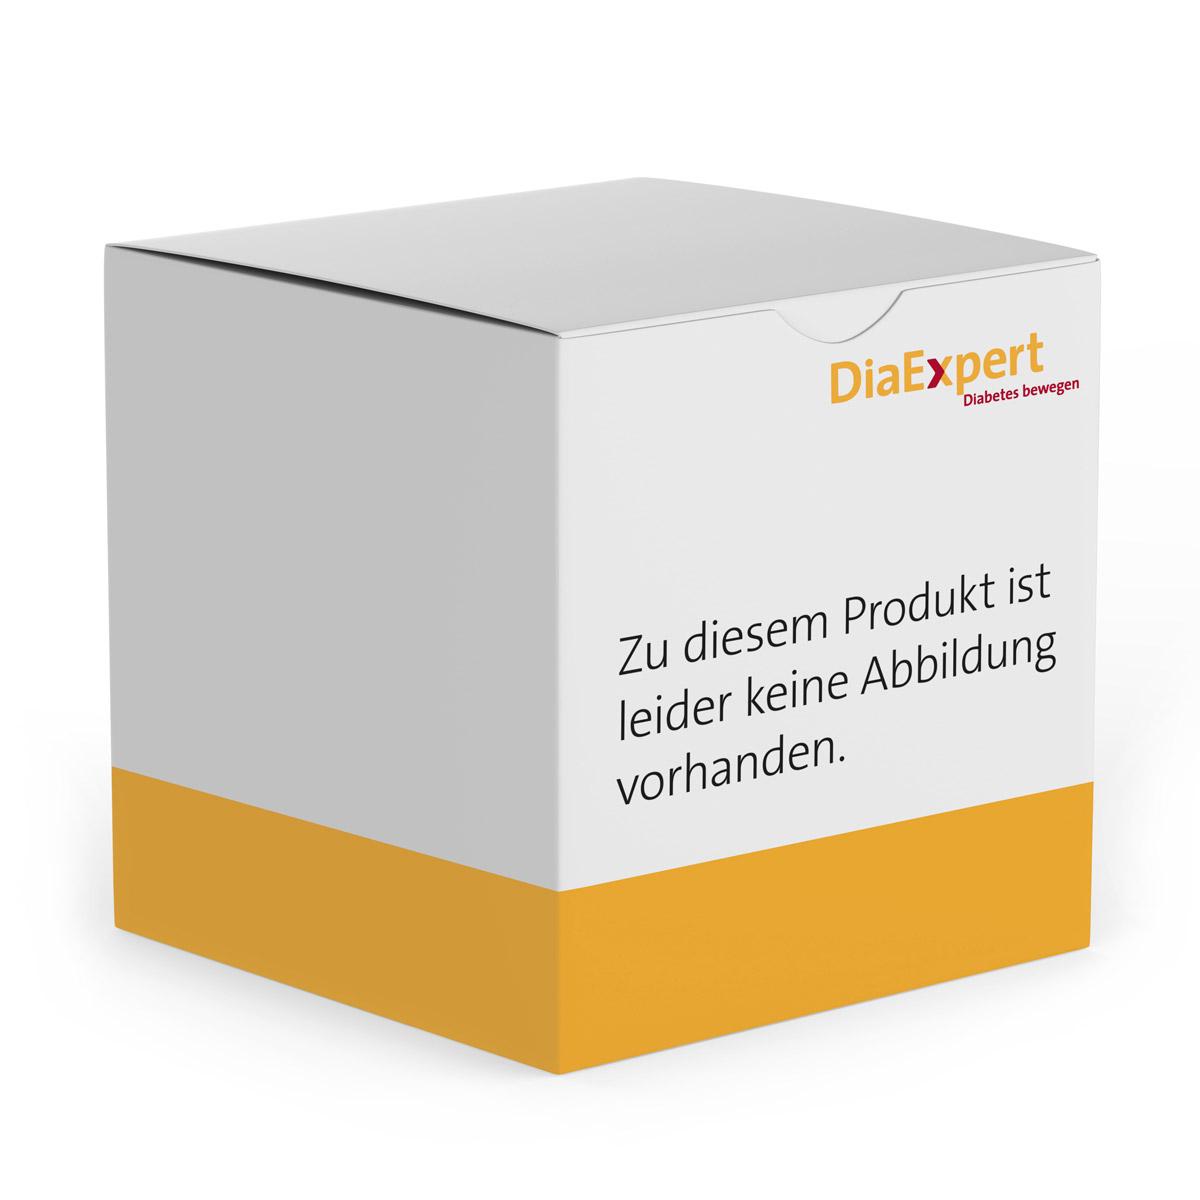 BD Micro-Fine U-100 Insulinspritzen 1.0ml